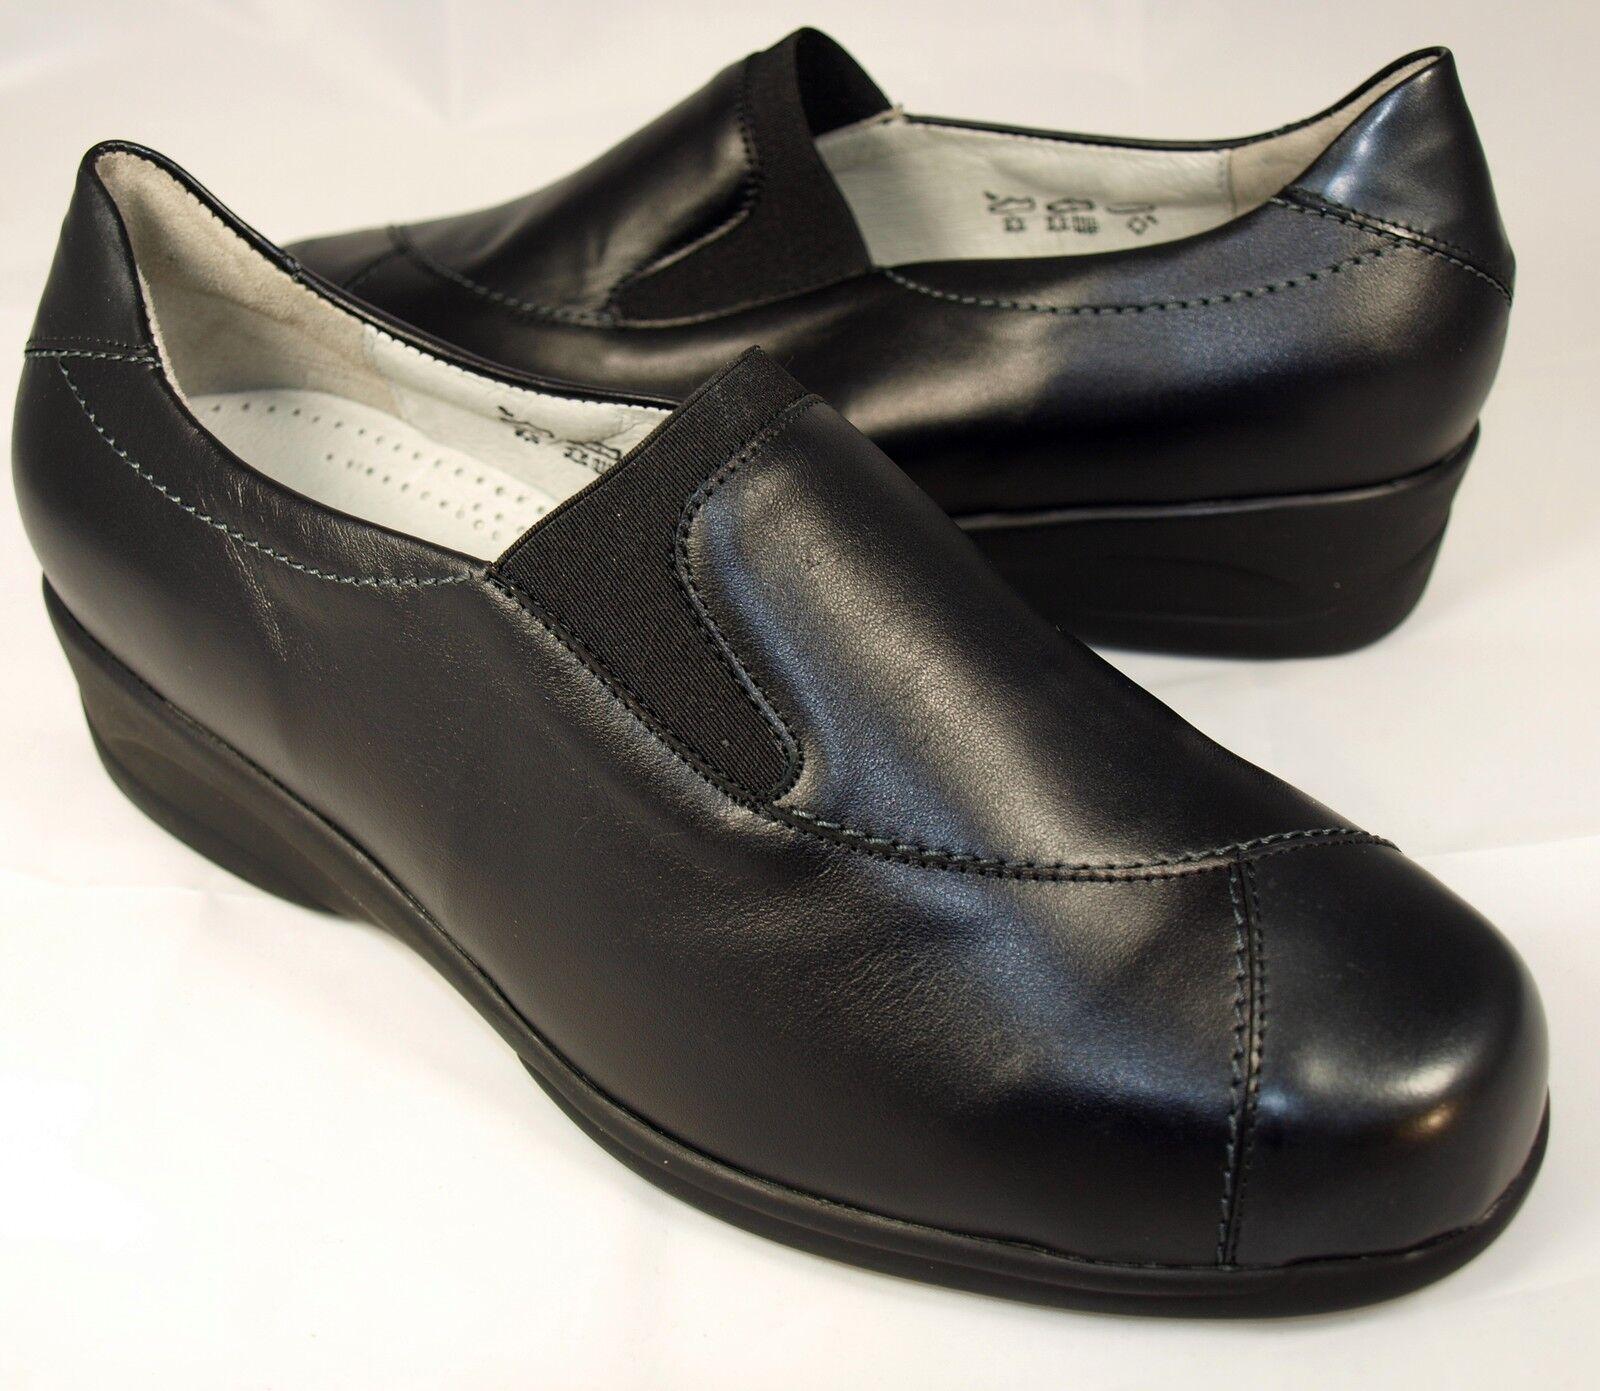 Details zu Sonderangebot Waldläufer Schuhe Slipper Damen Leder Weite K schwarz Neu 1263